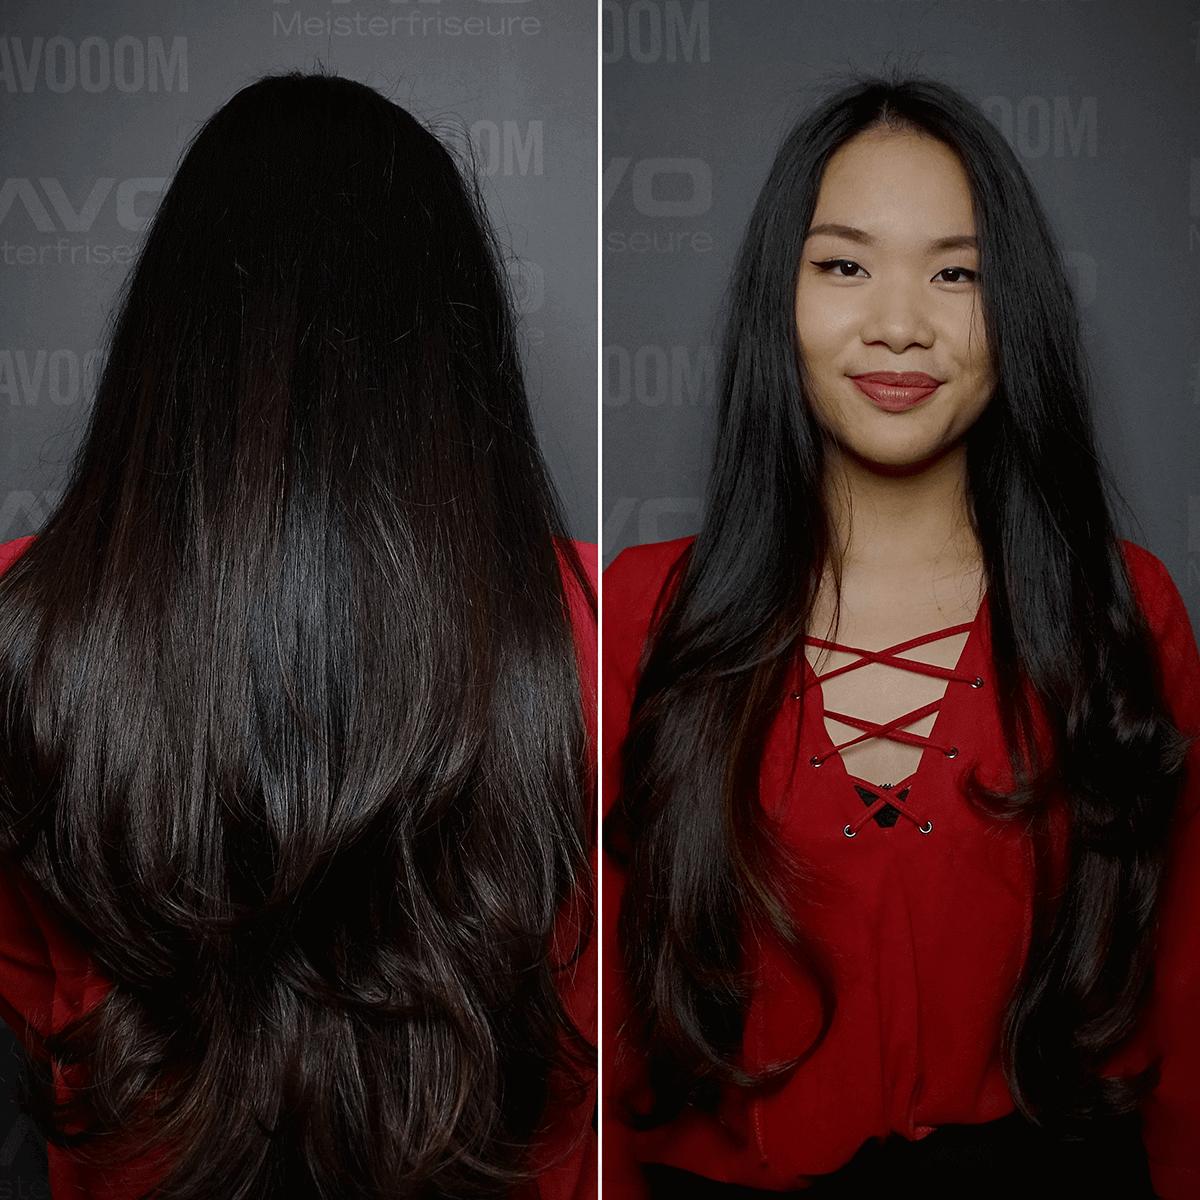 Guter Friseur In Essen Pavo Friseure V Form Schnitt Für Sehr